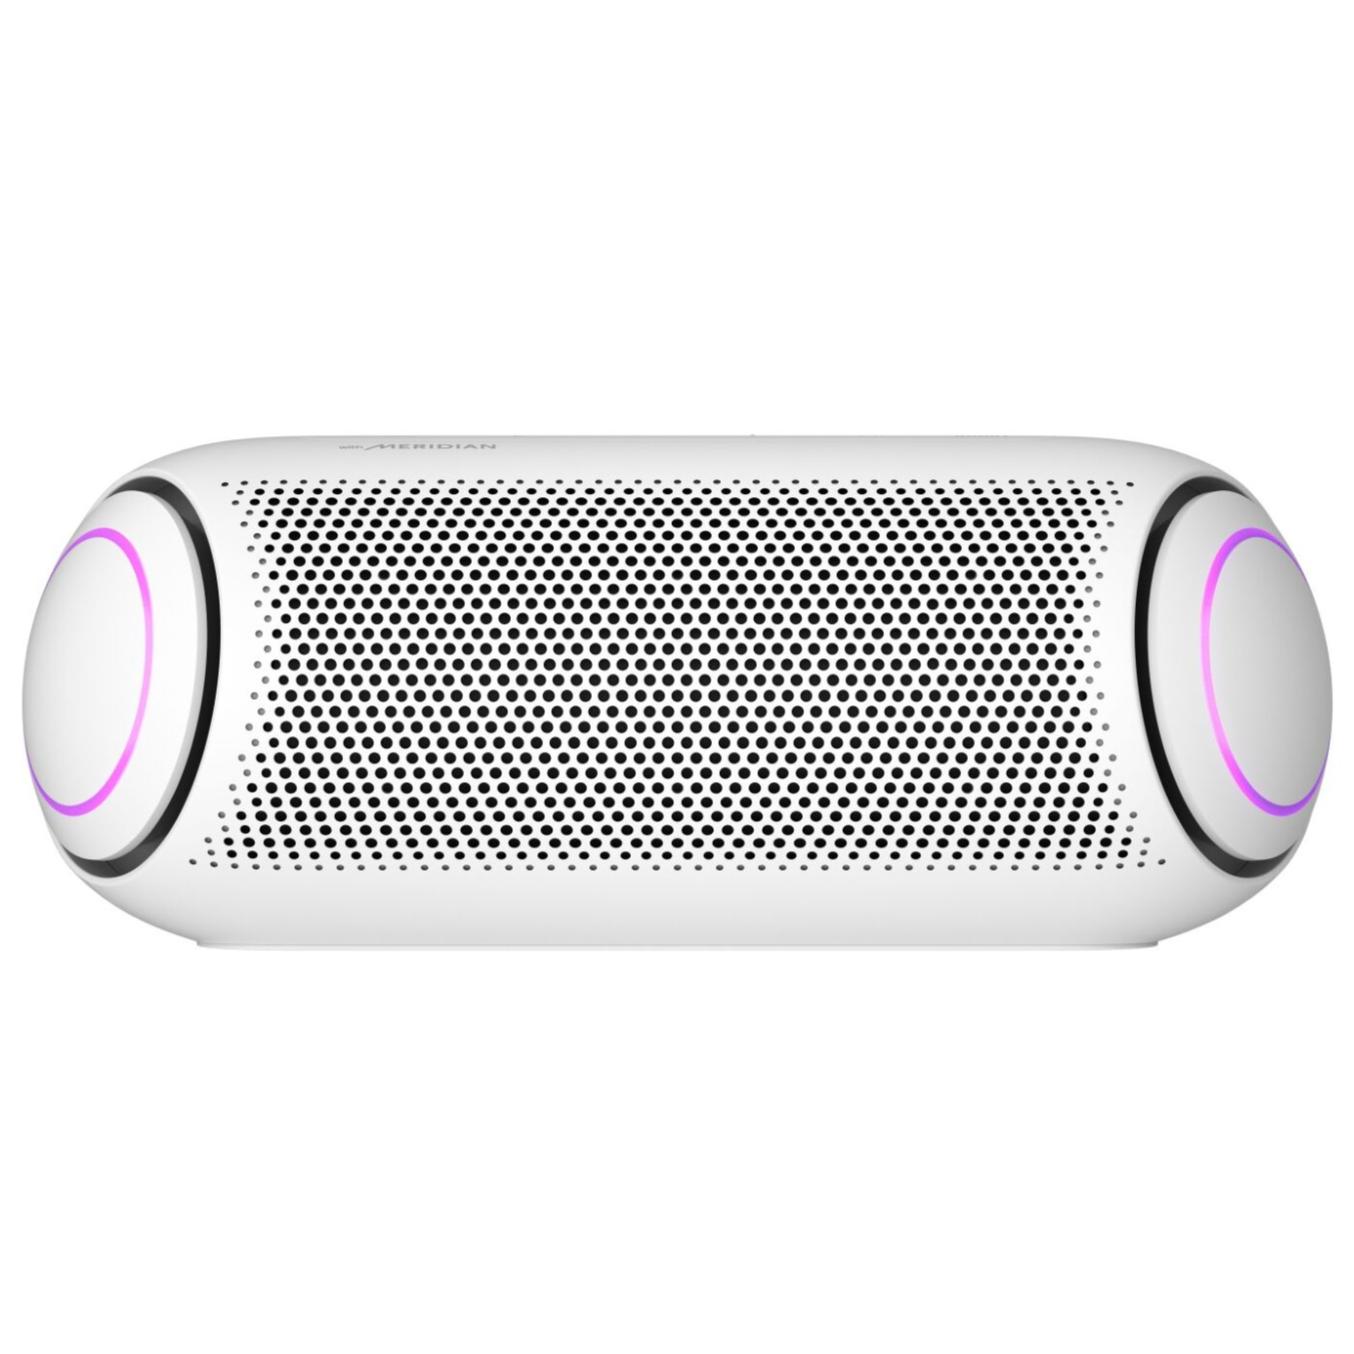 Caixa de Som LG Xboom Go PL5 Portatil Bluetooth IPX5 Branca